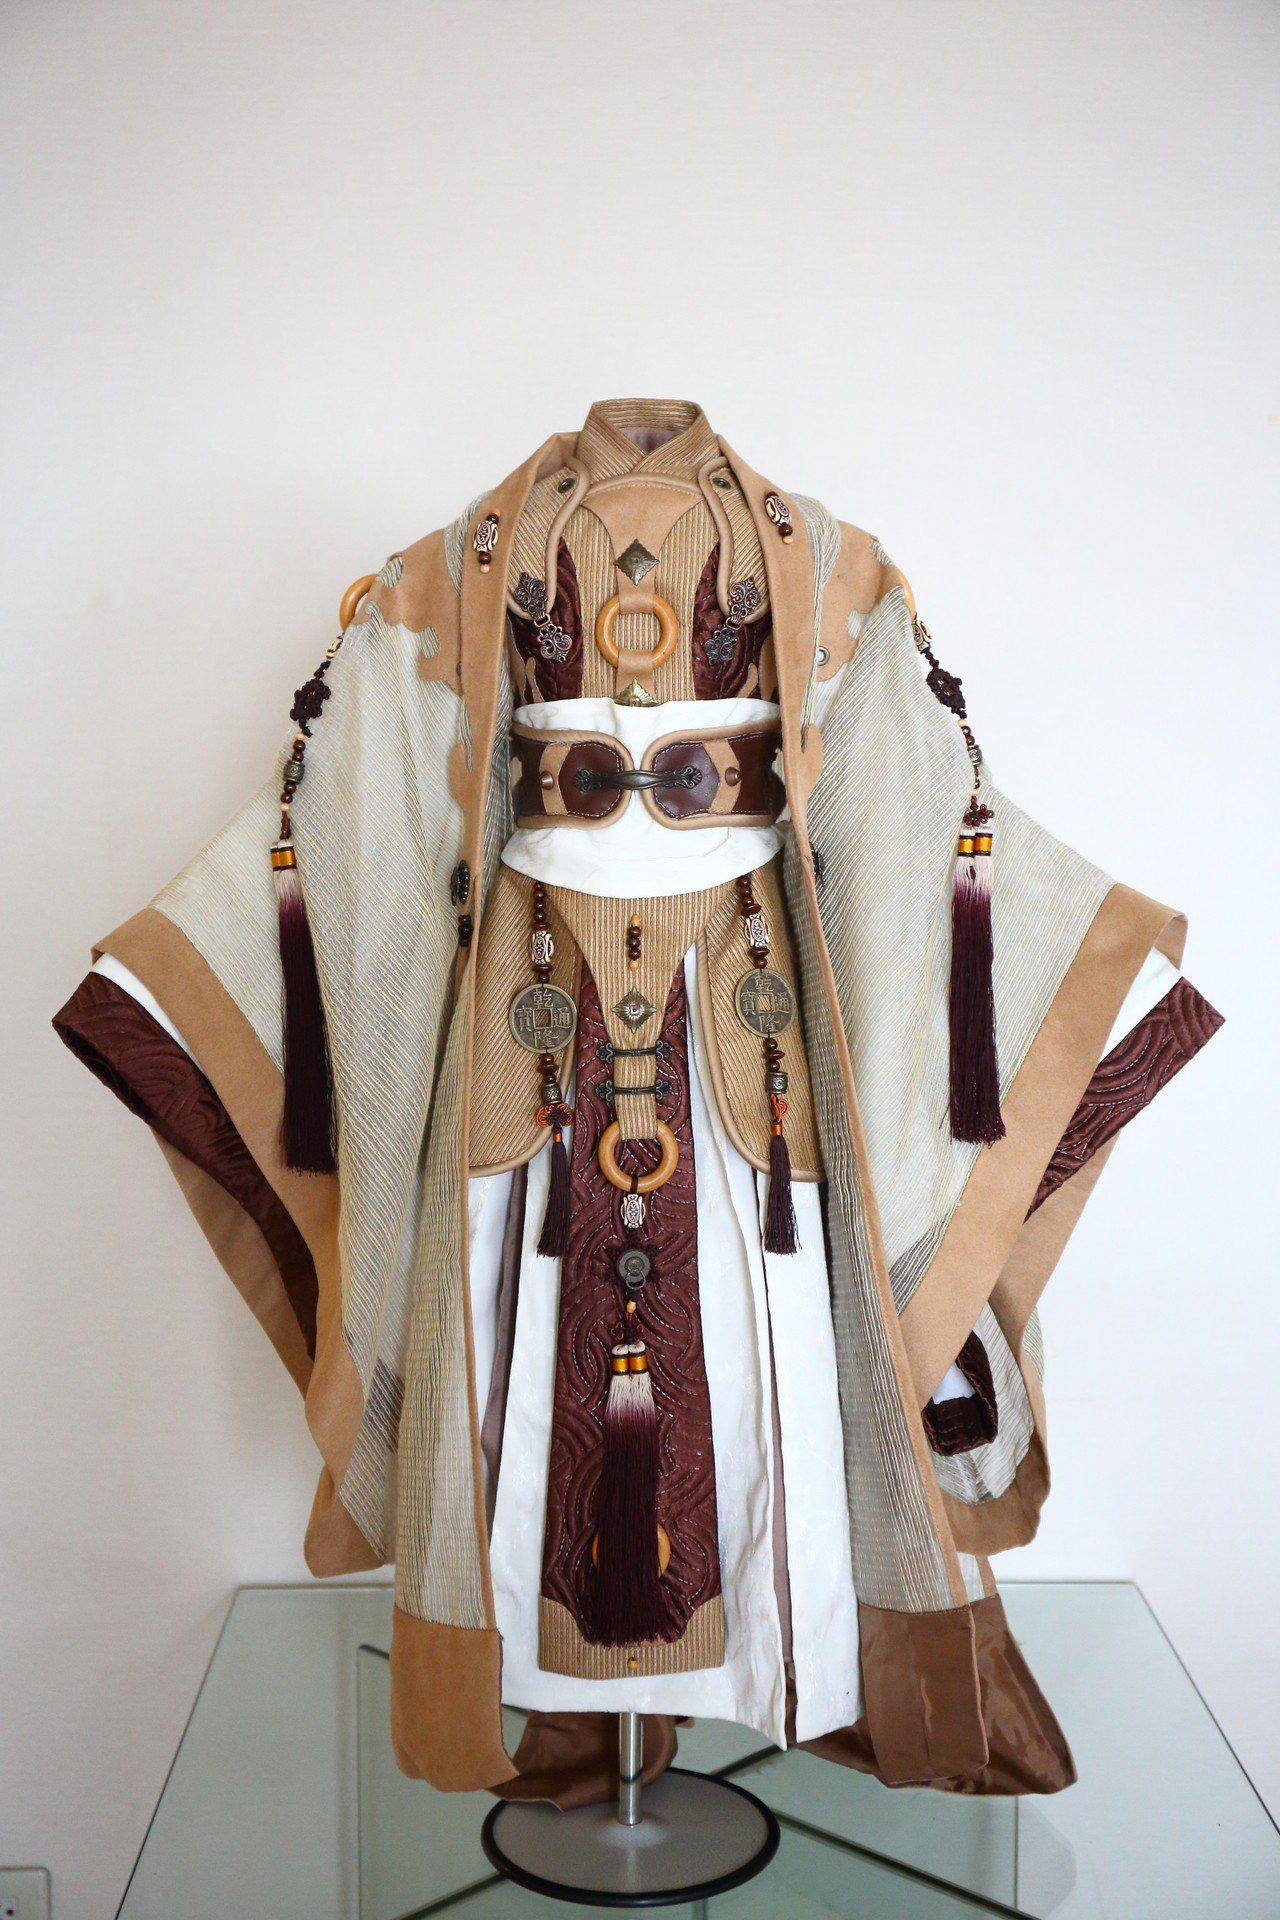 陳有豐製做偶衣的衣料稀有高級,做工、技藝也相當繁複精巧。圖/嚴仁鴻提供